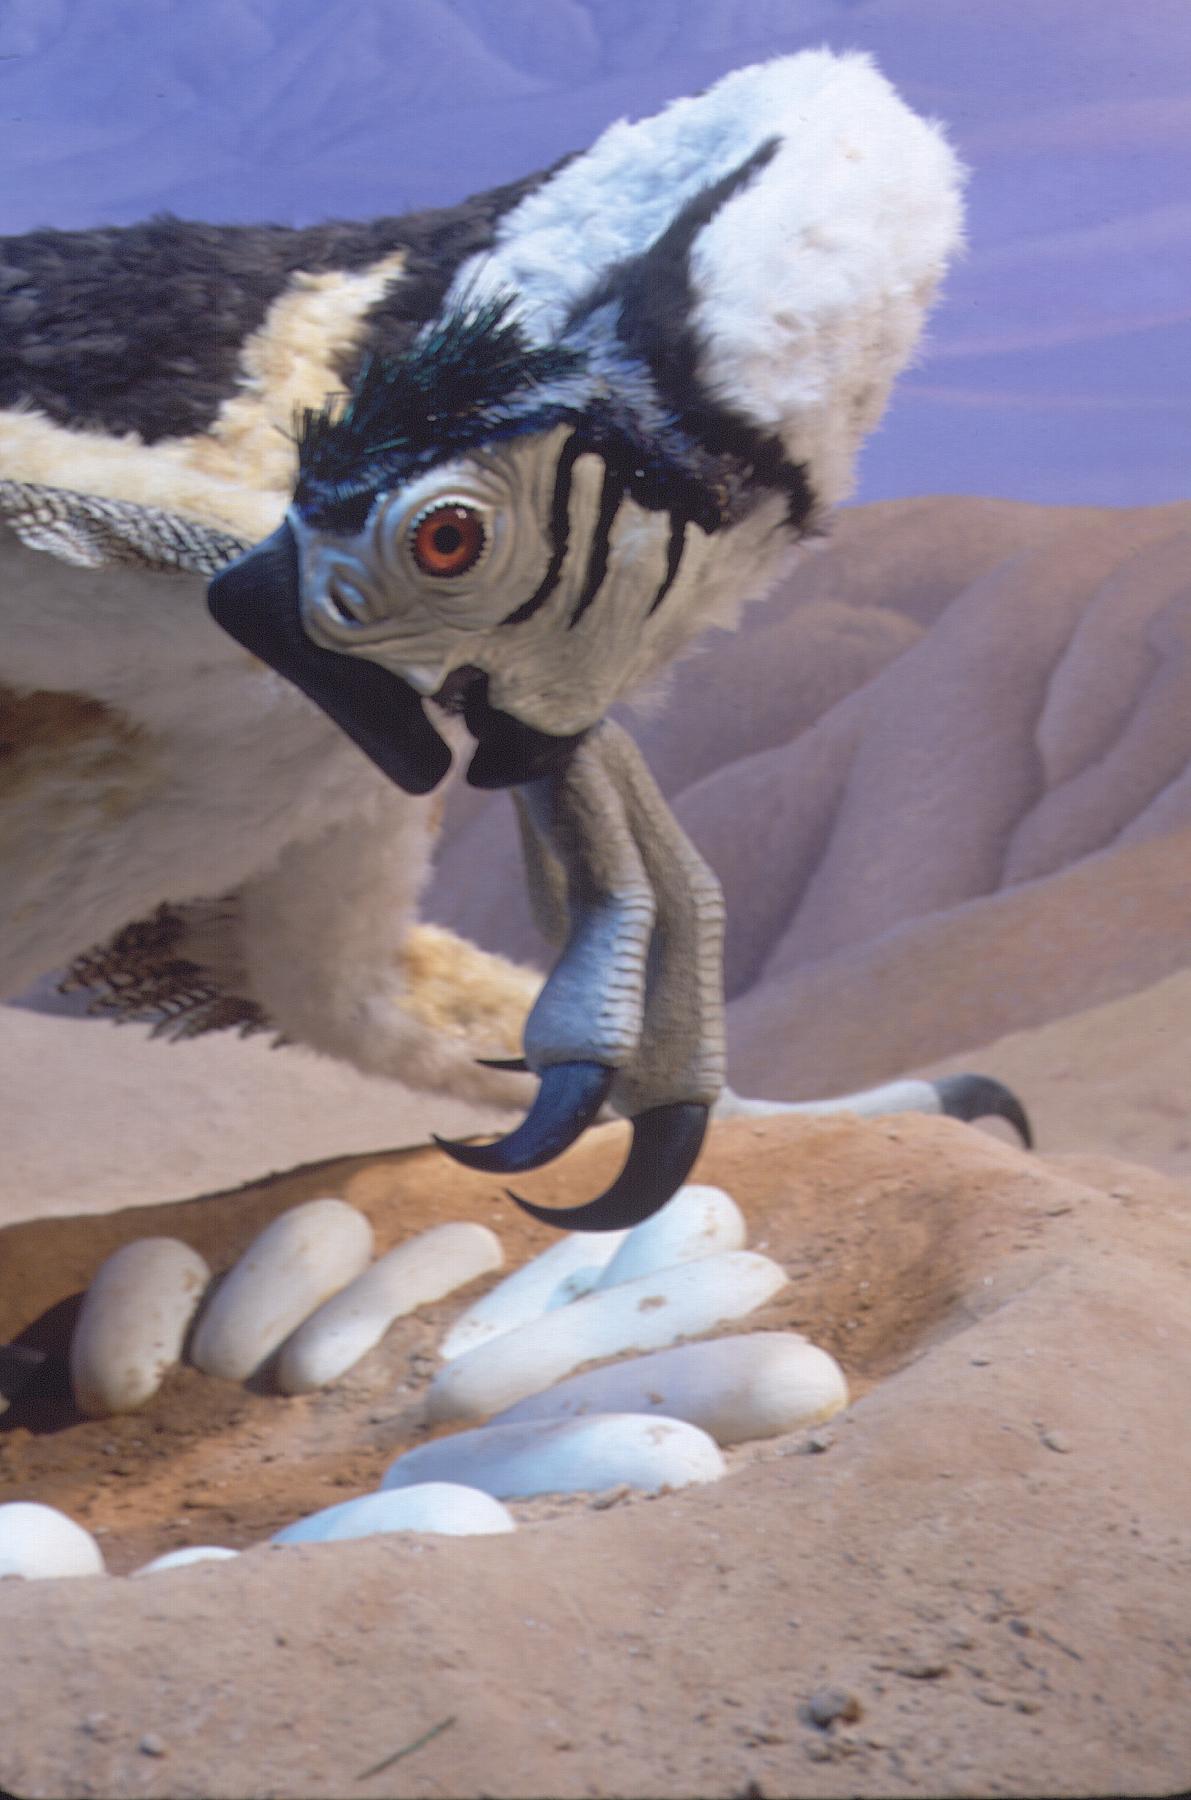 Nesting Oviraptor detail